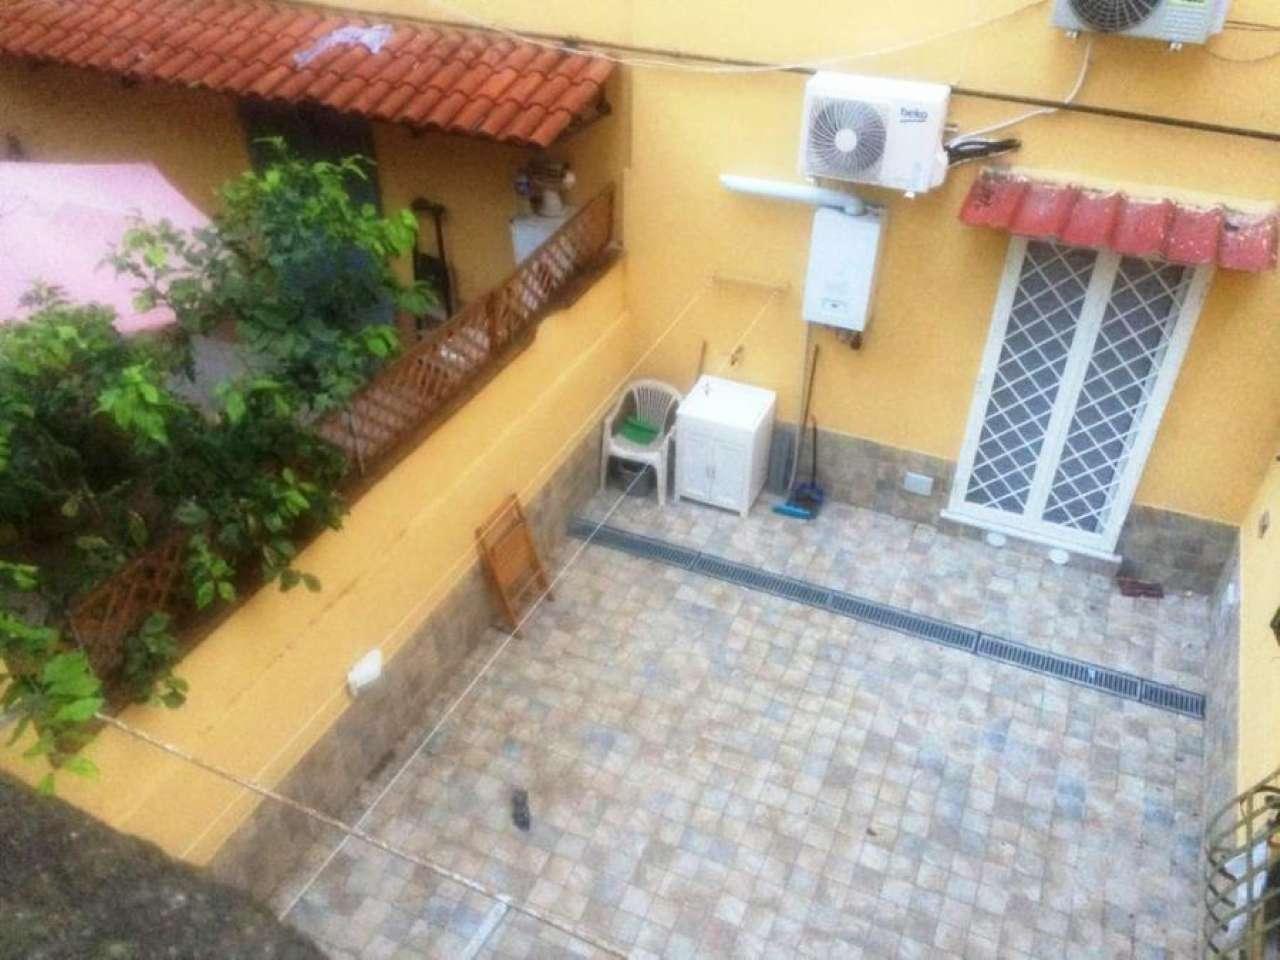 Appartamento in affitto a Napoli, 2 locali, zona Zona: 5 . Vomero, Arenella, prezzo € 600 | CambioCasa.it